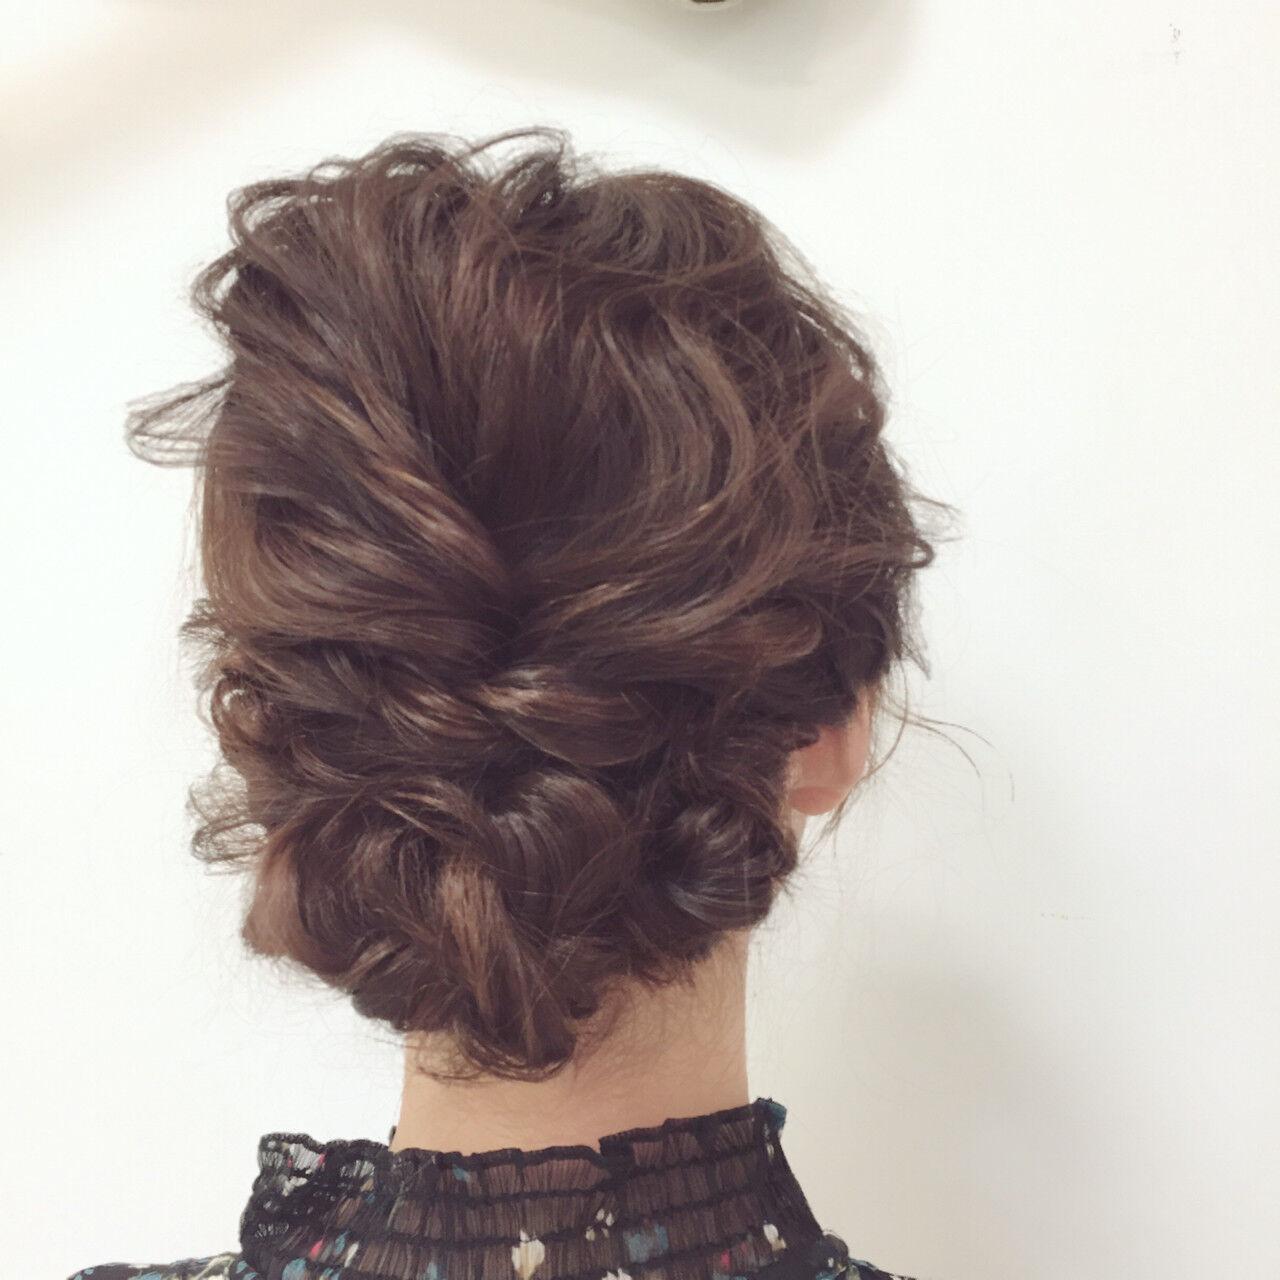 セミロング 結婚式 ヘアアレンジ ゆるふわヘアスタイルや髪型の写真・画像